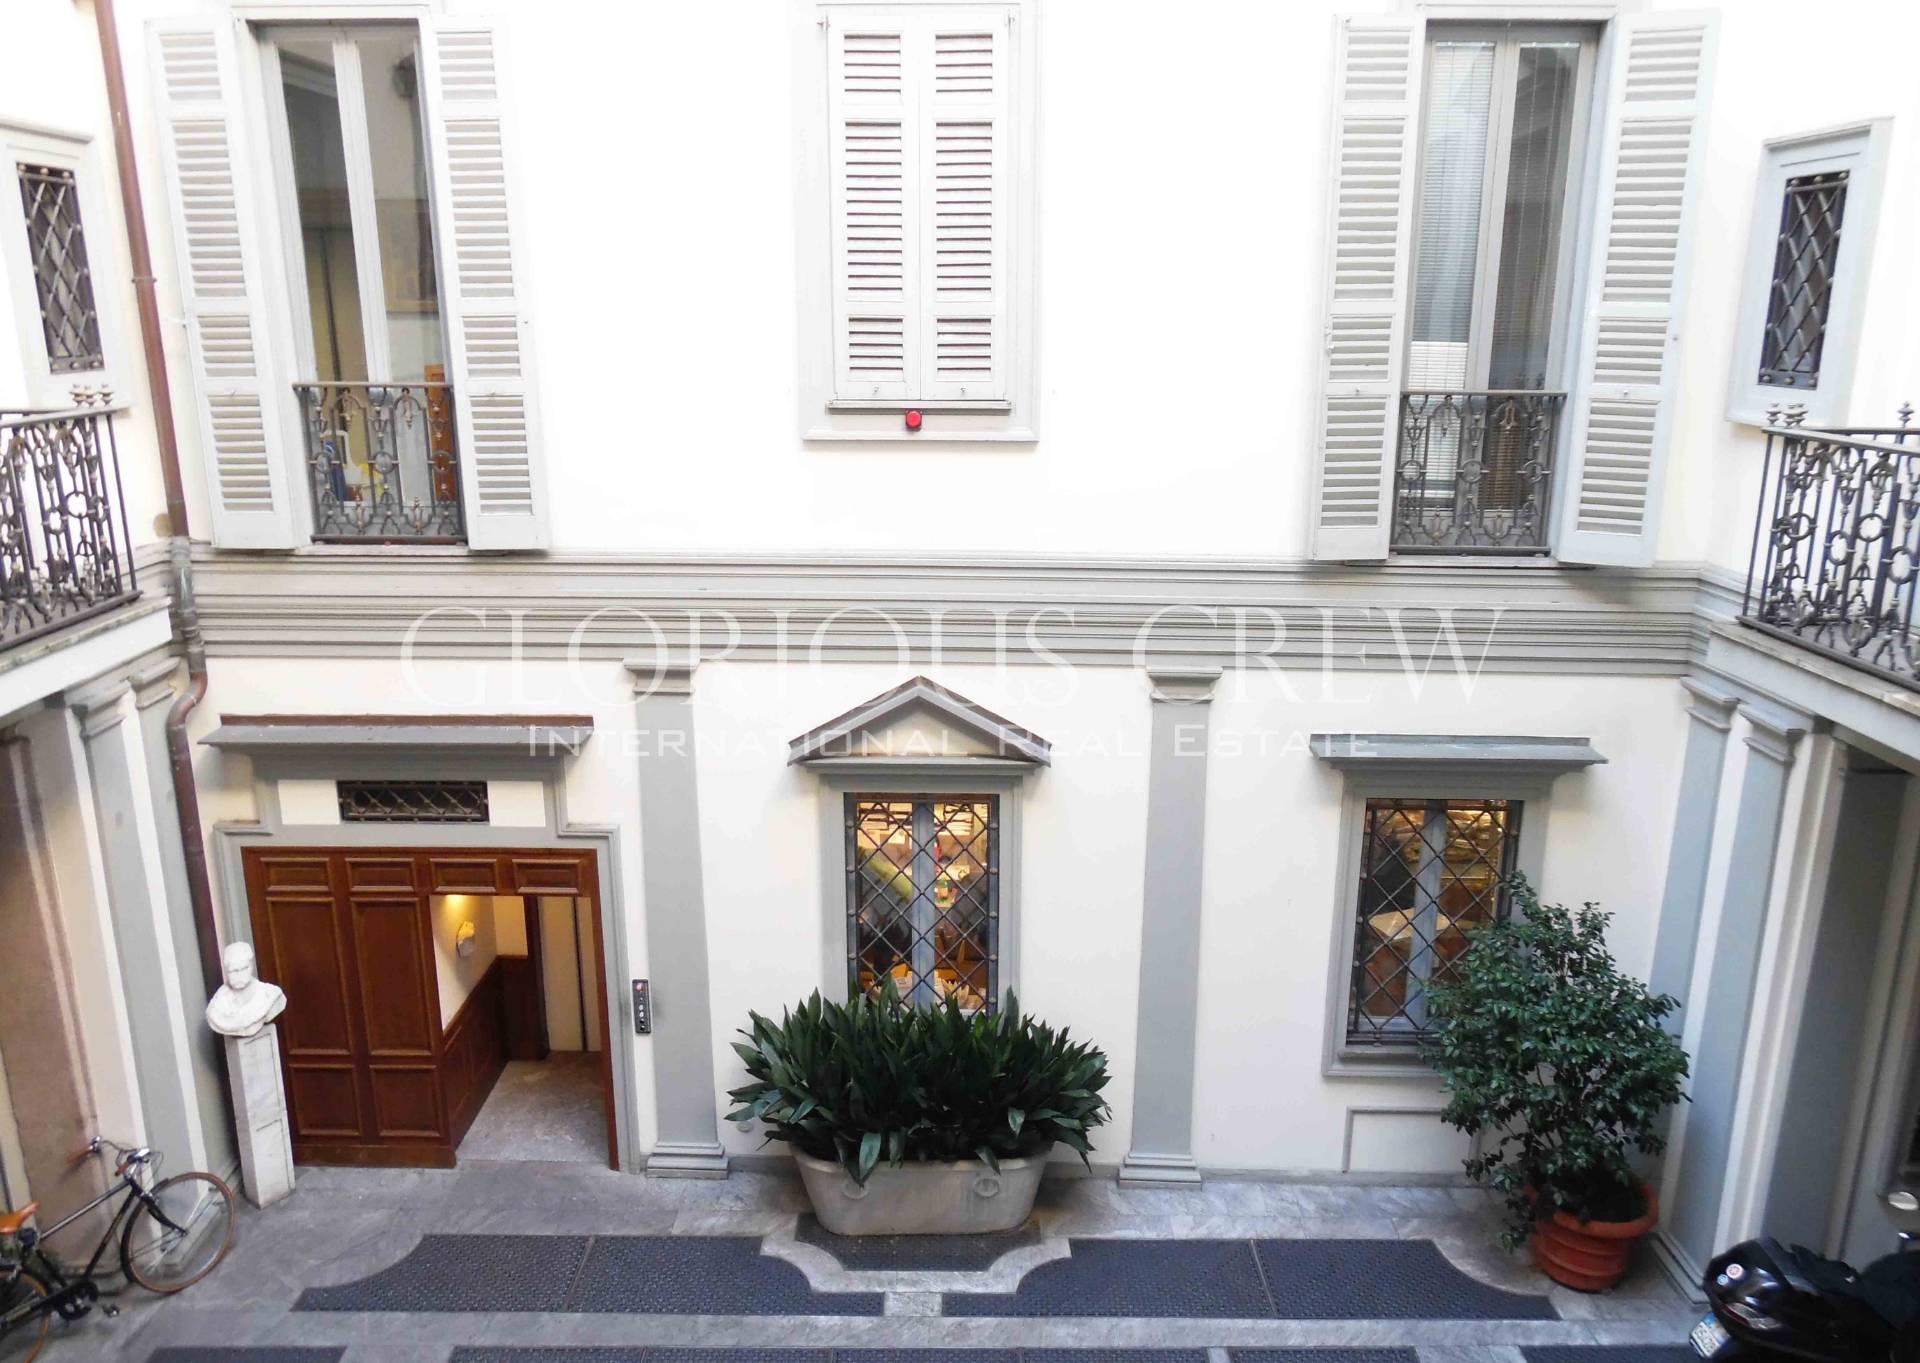 Negozio in affitto a Milano in Via Borgospesso